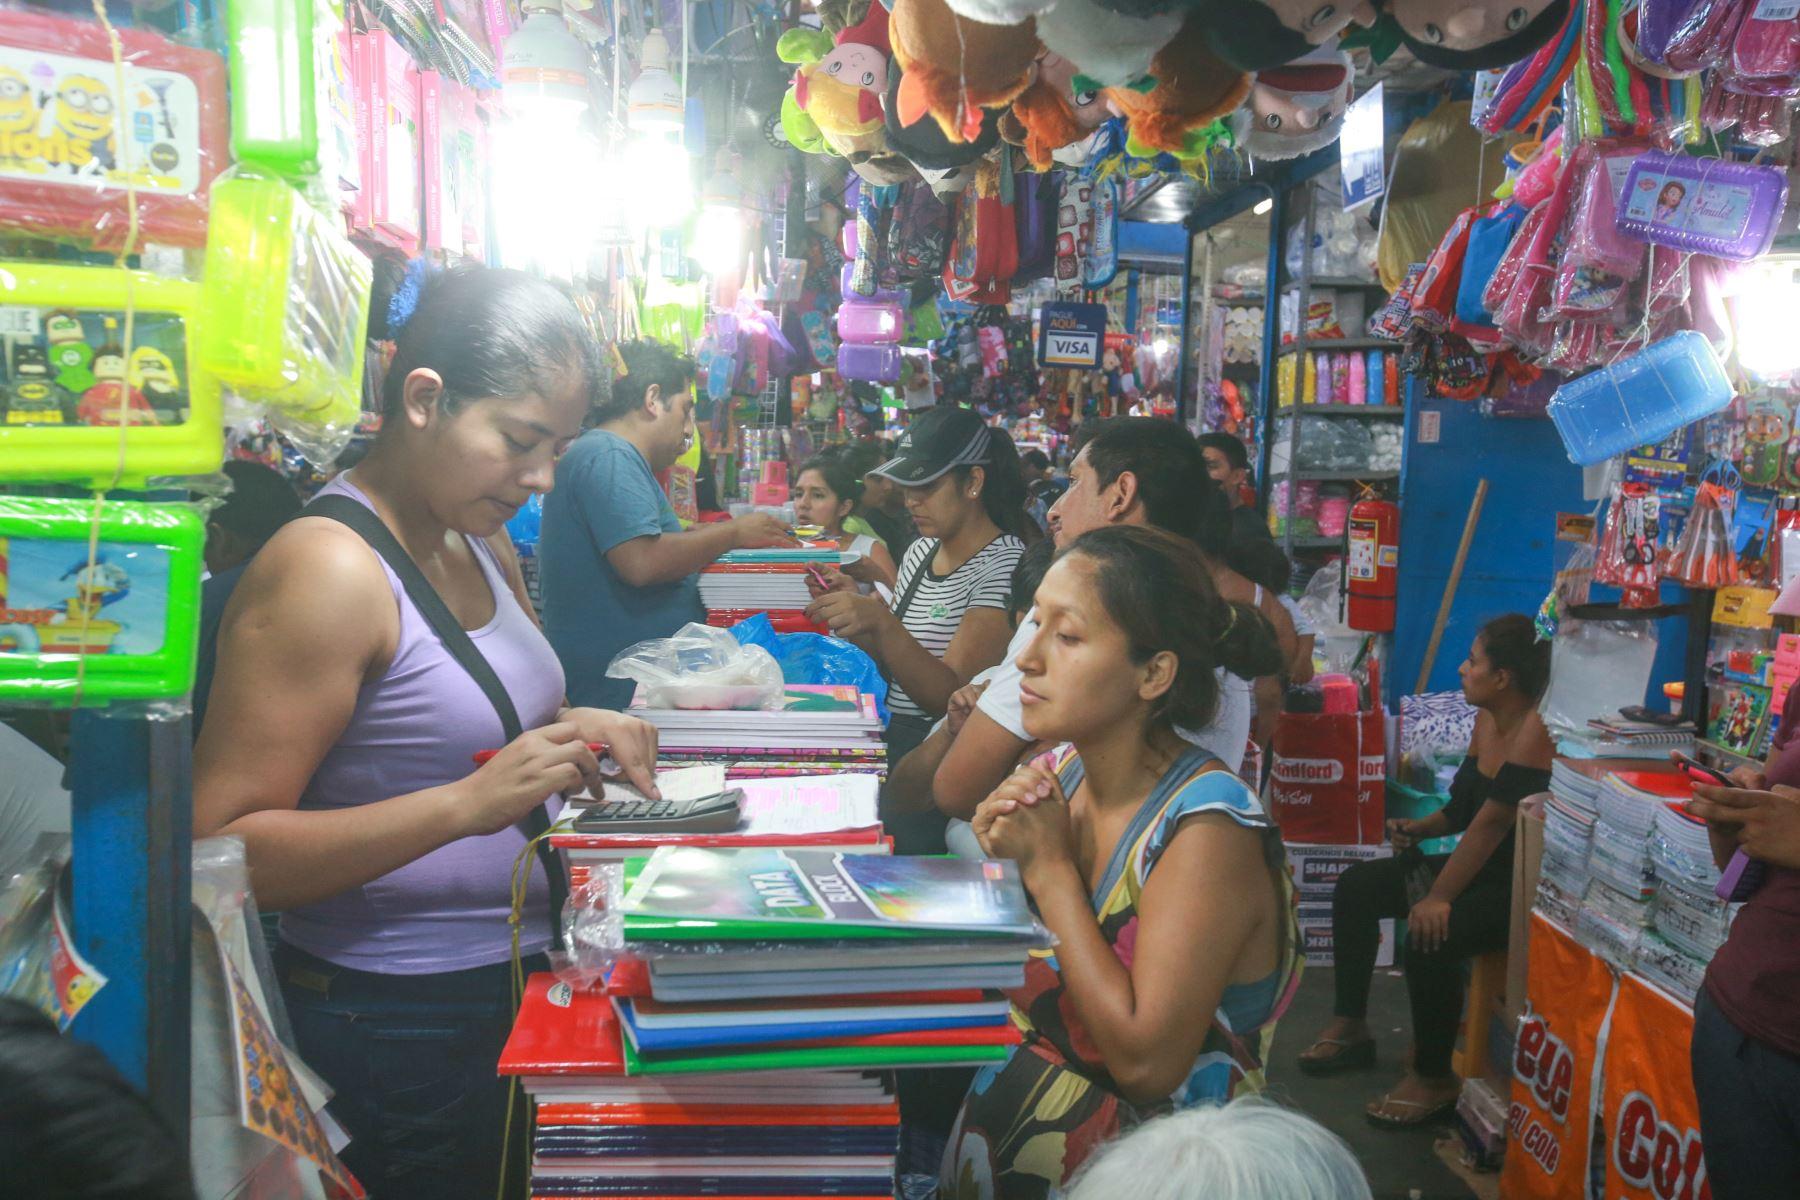 Esta madre de familia pareciera rezar para que el monto total de su compra en Mesa Redonda no supere lo que tiene en la cartera. Foto: ANDINA/ Jhony Laurente